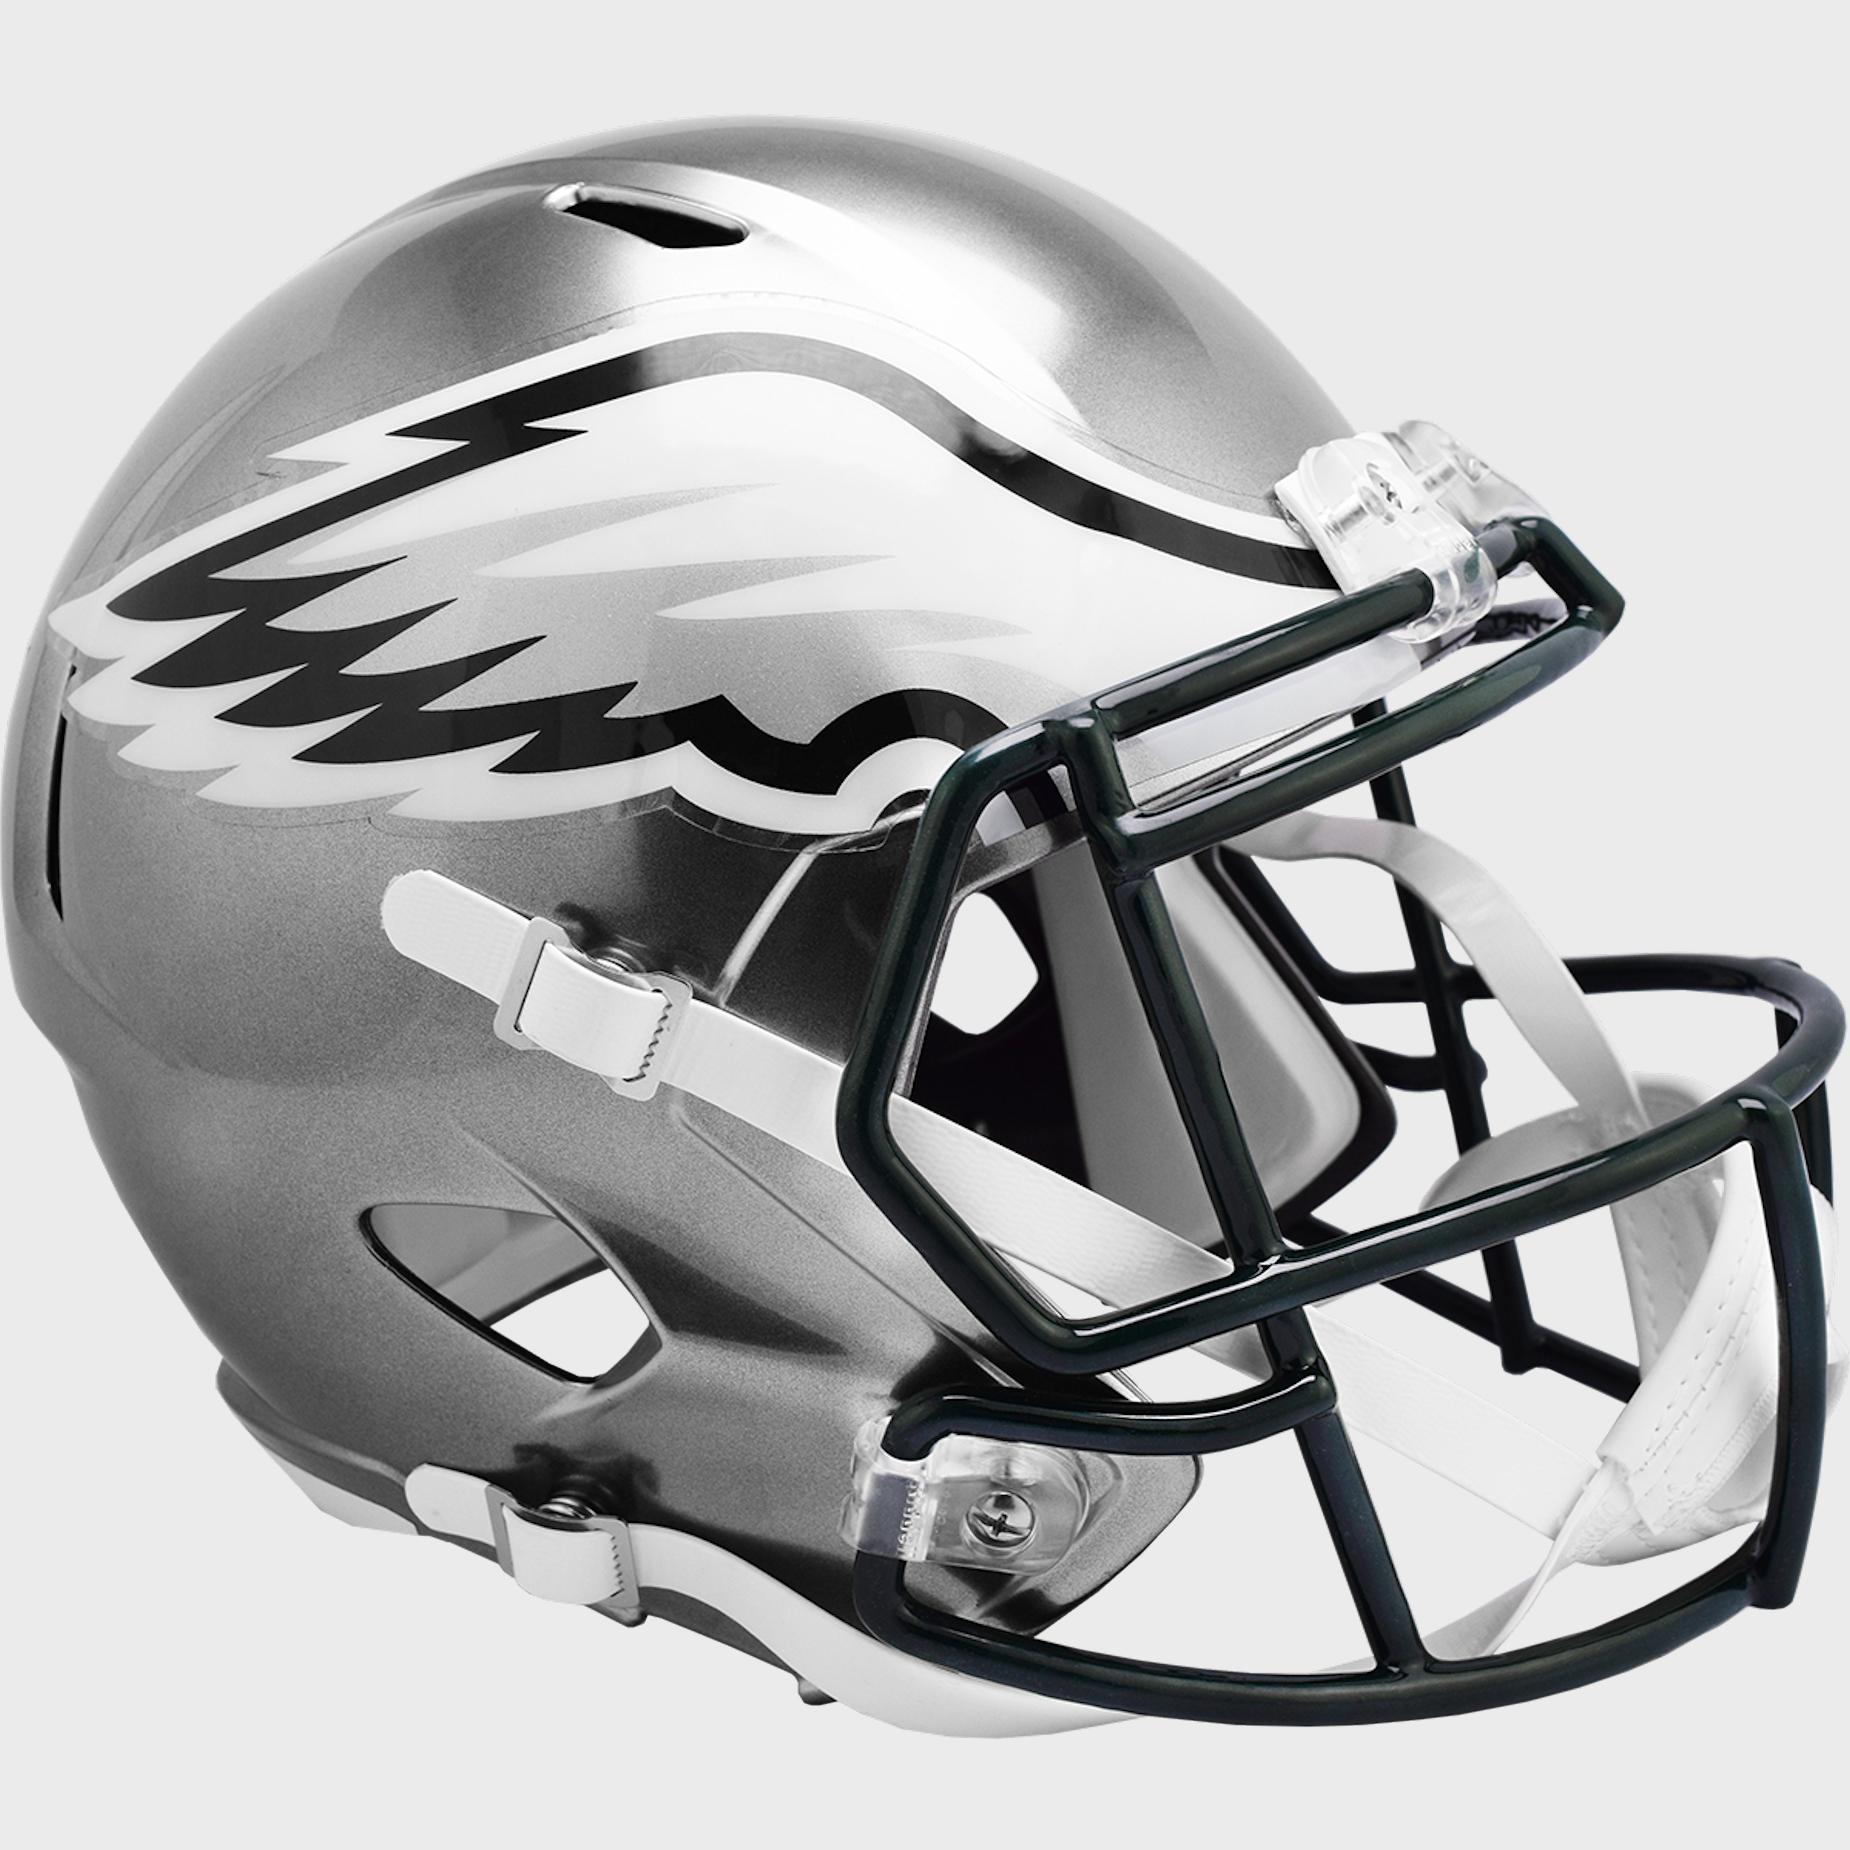 Philadelphia Eagles Speed Replica Football Helmet <B>FLASH ESD 8/21/21</B>